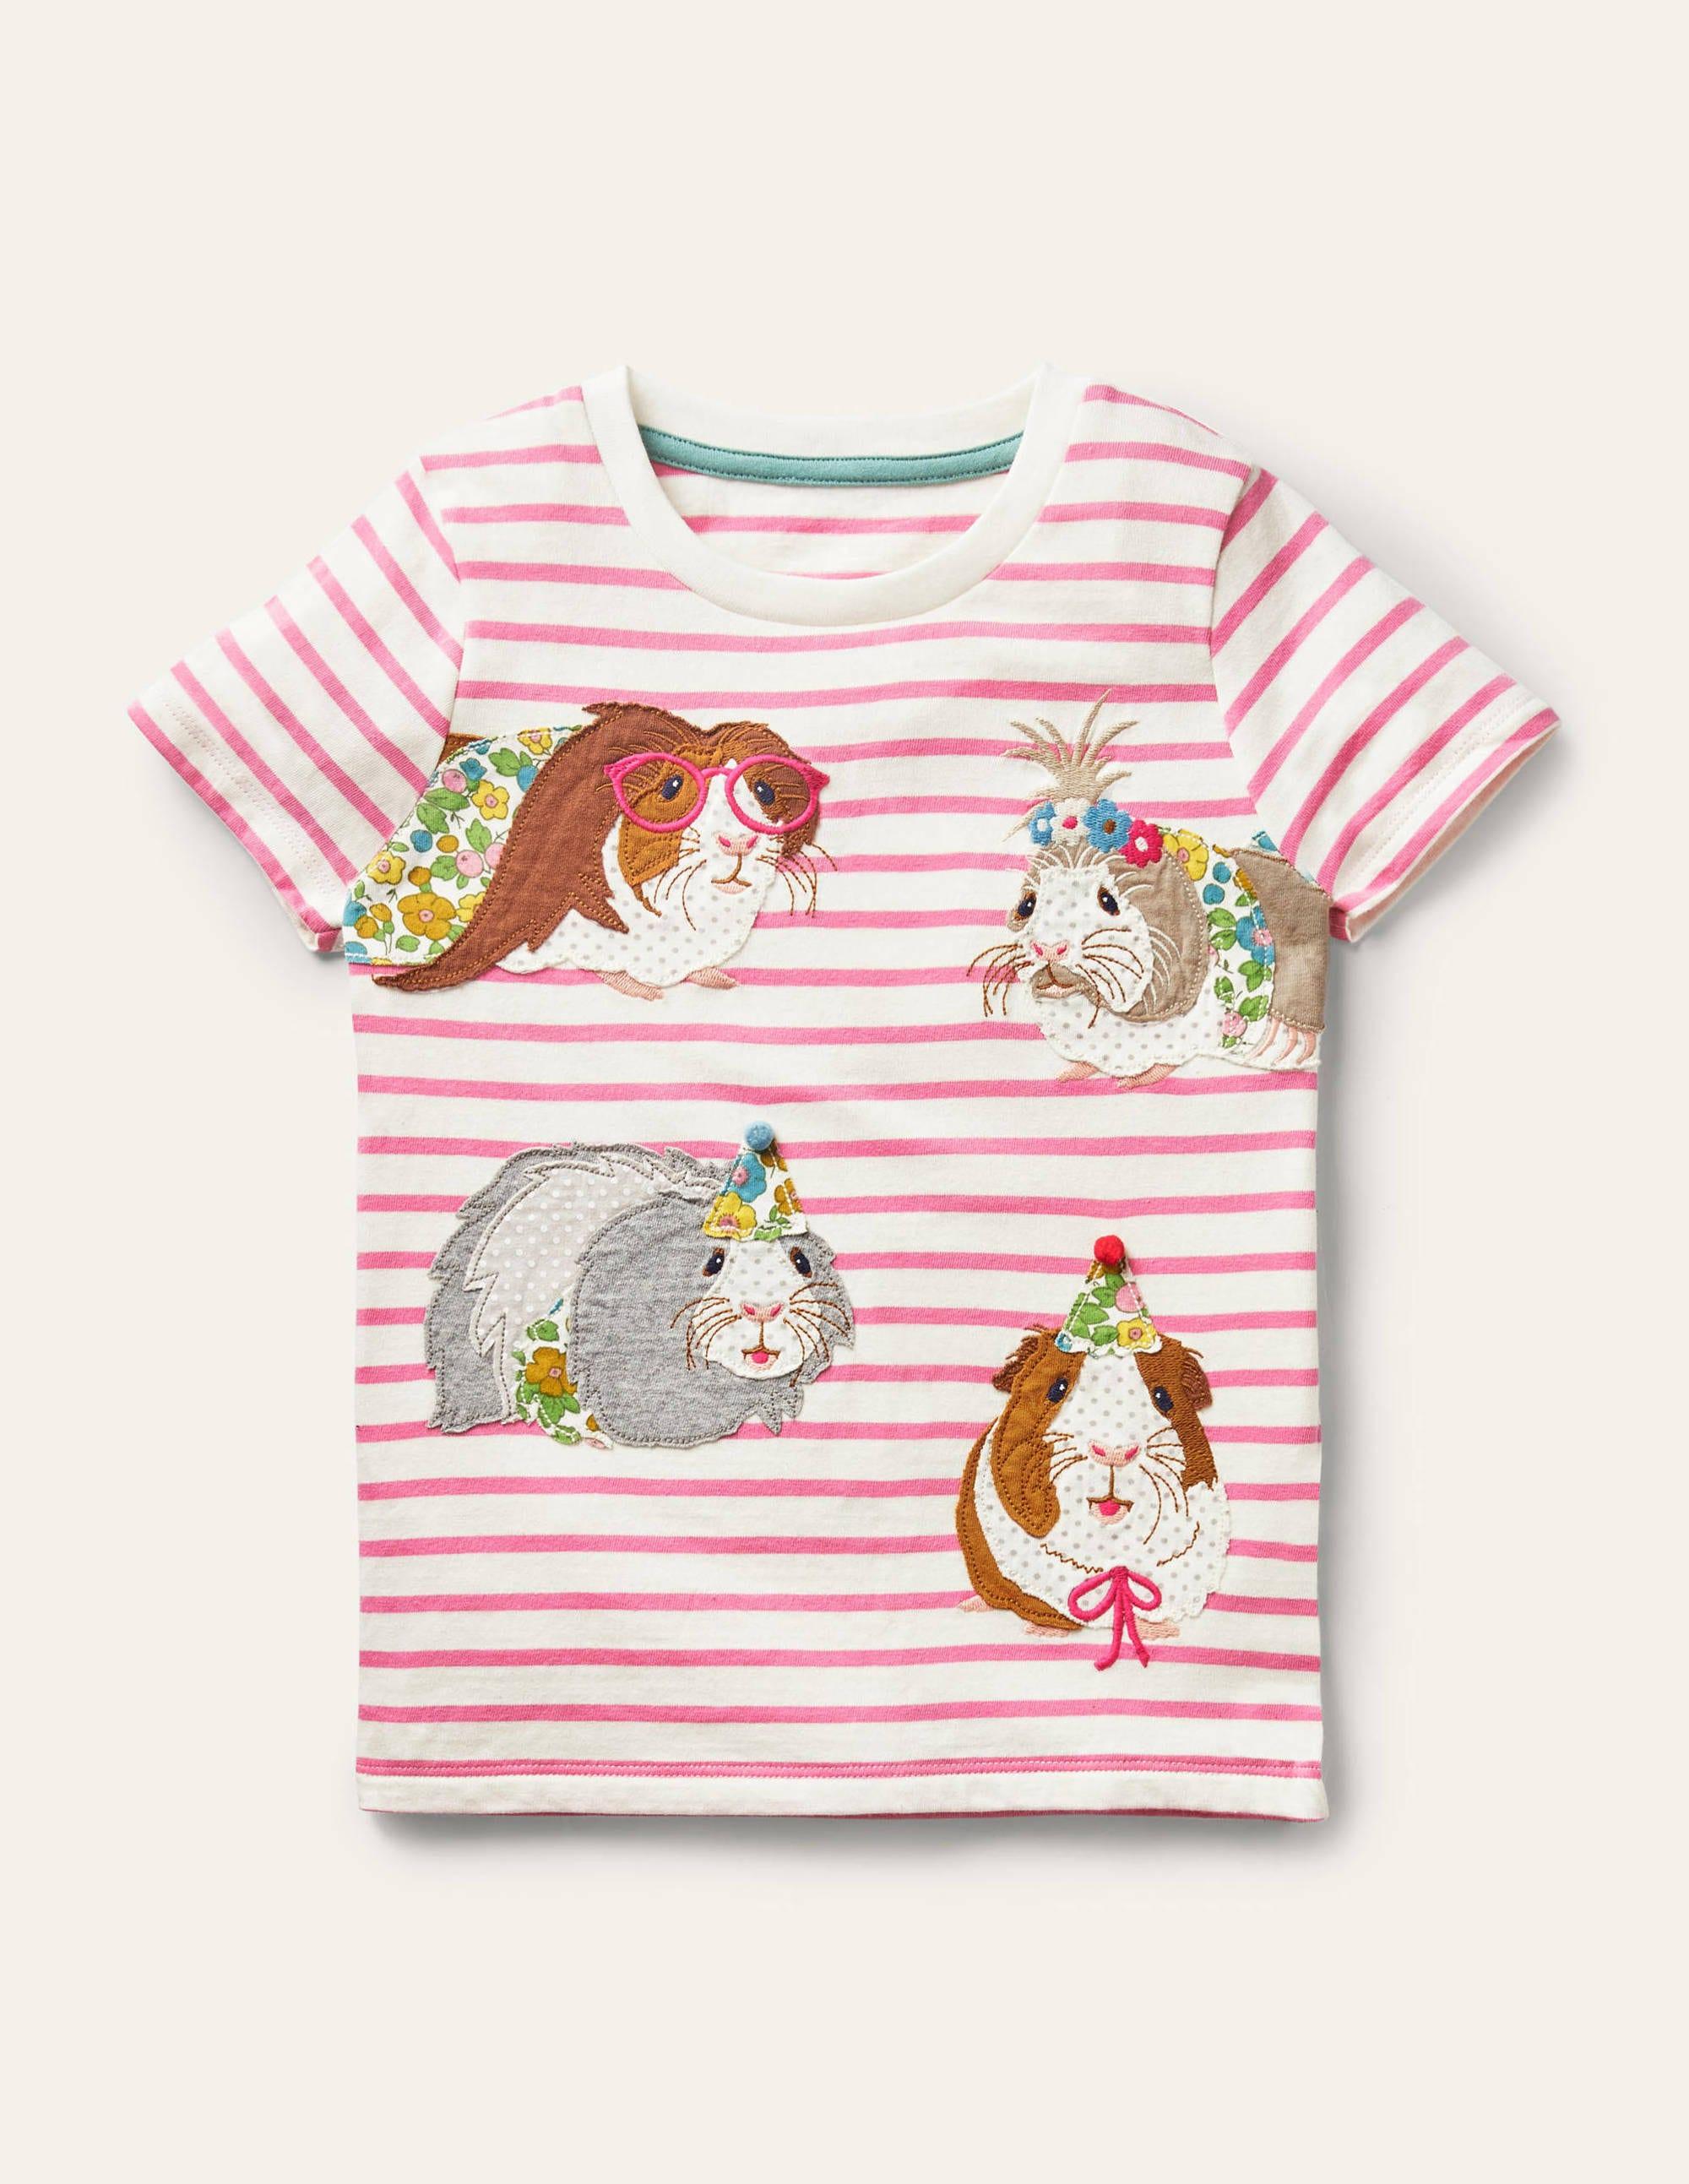 Boden Short-sleeve Applique T-shirt - Ivory/ Formica Pink Guinea Pig